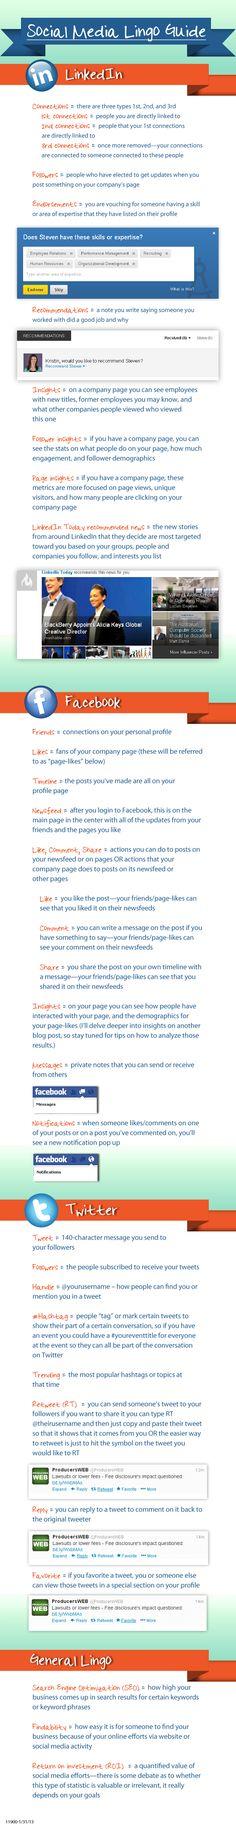 #SocialMedia Lingo Guide